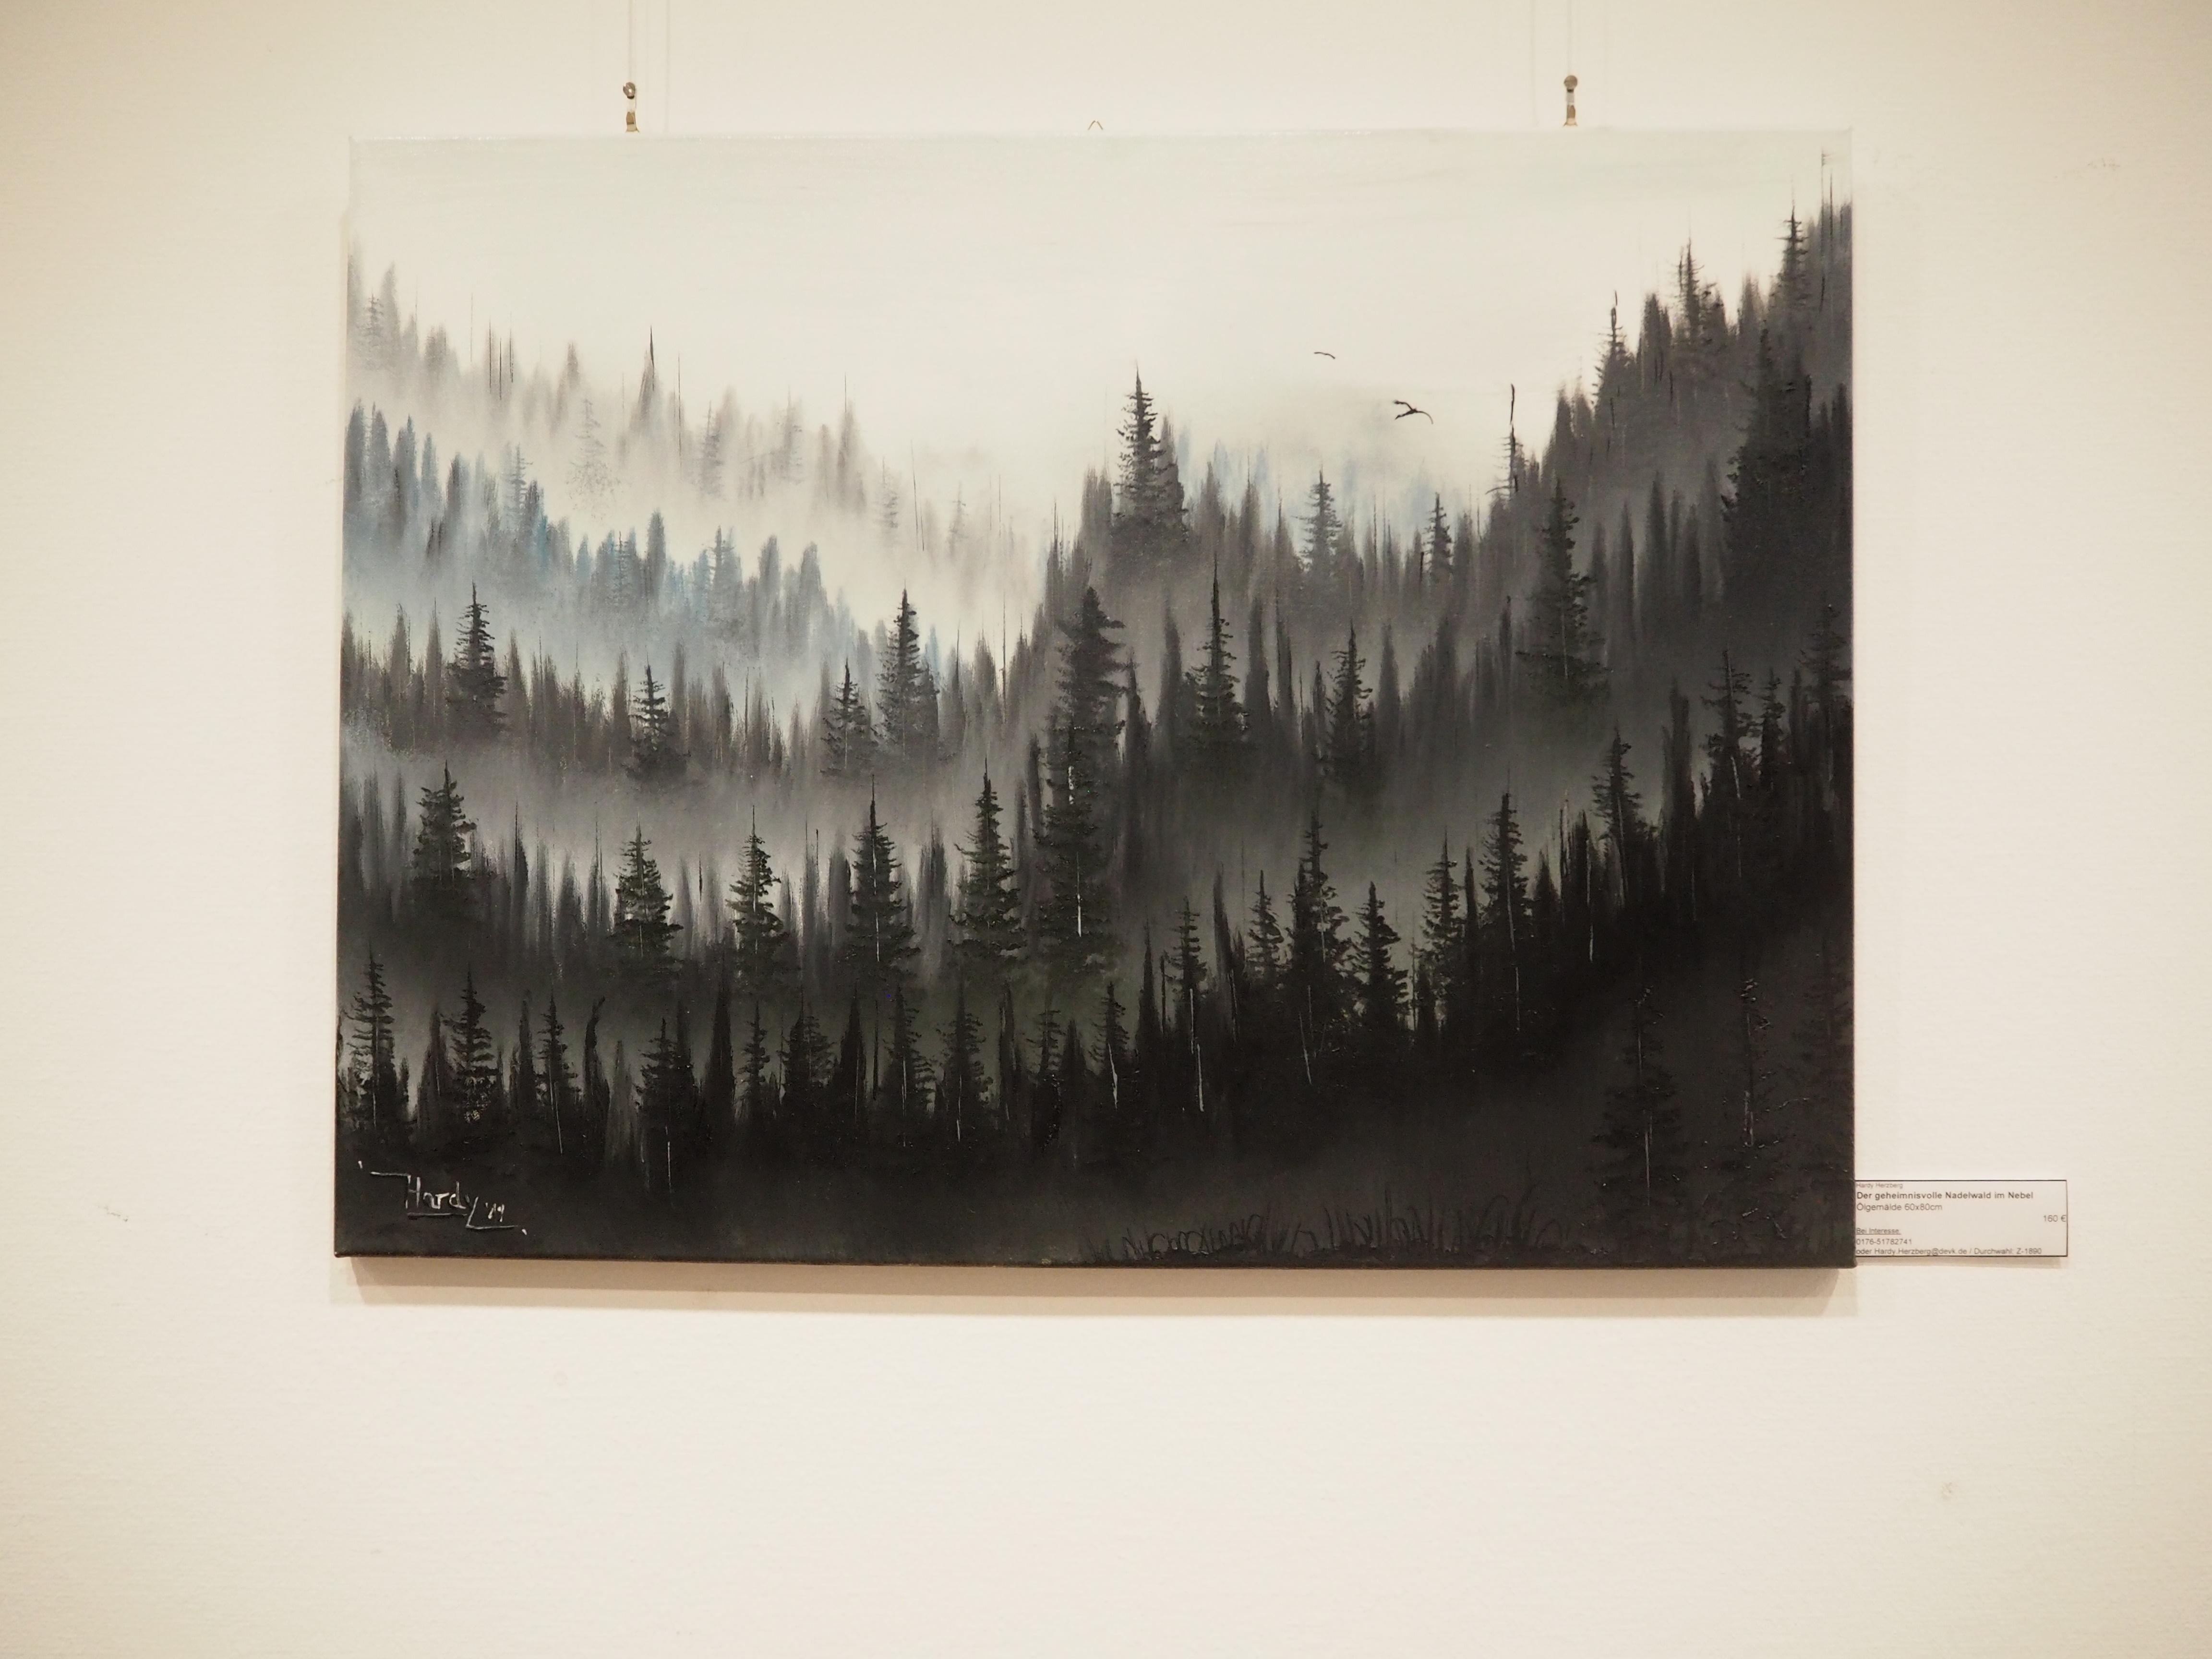 Geheimnisvoller Nadelwald im Nebel